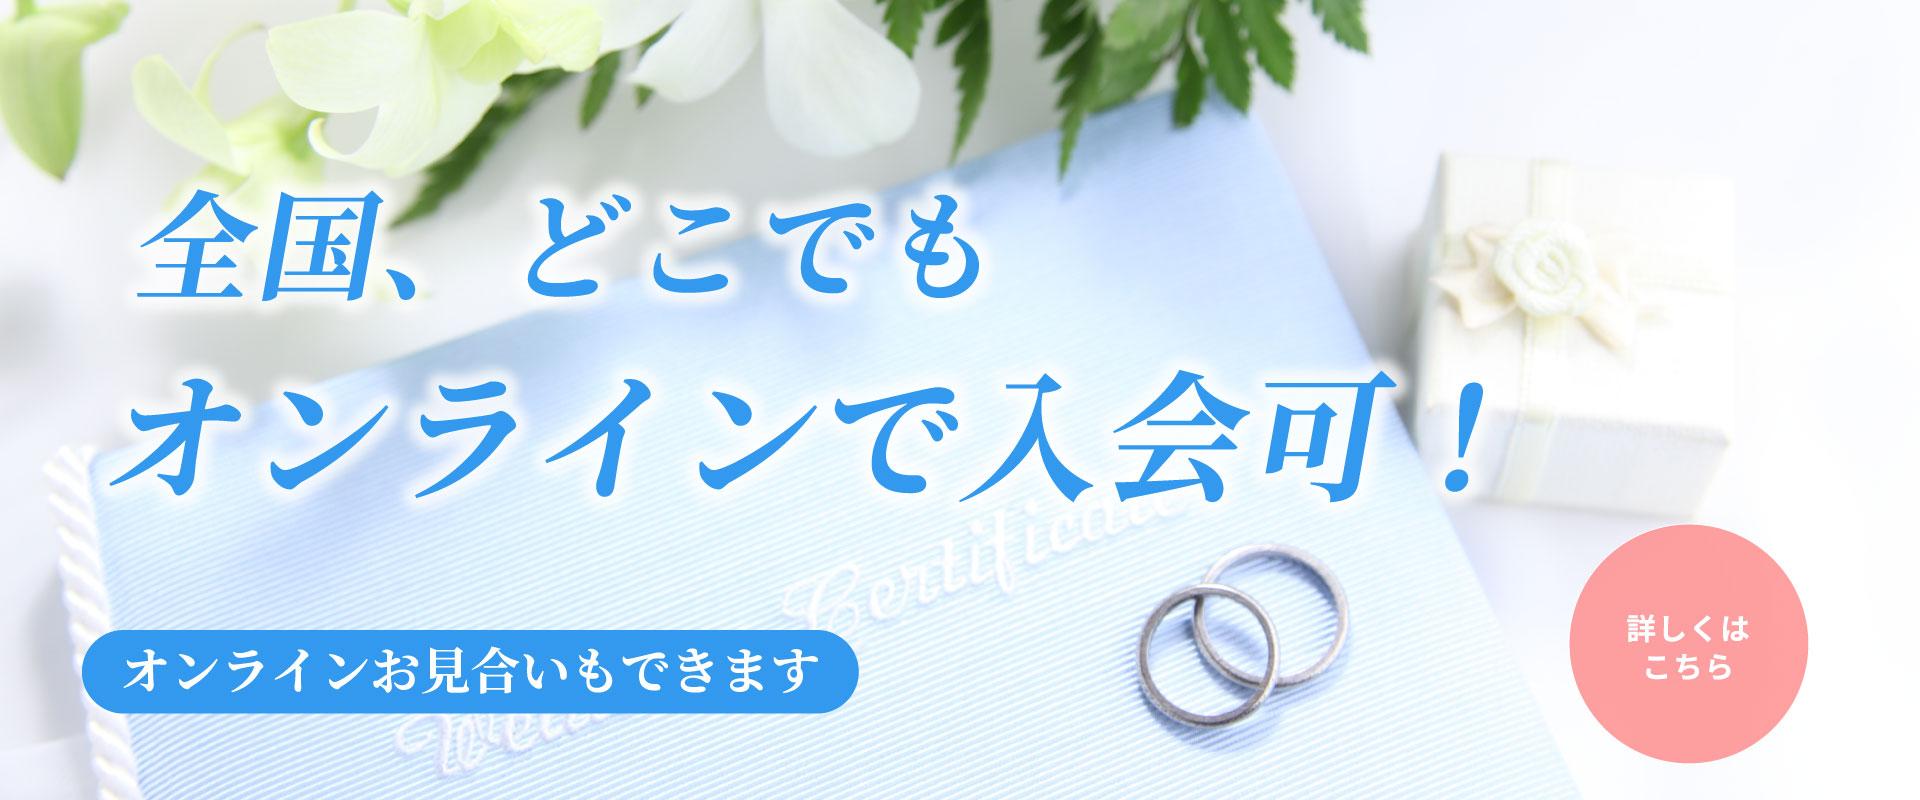 お試し婚活からはじめてみませんか?